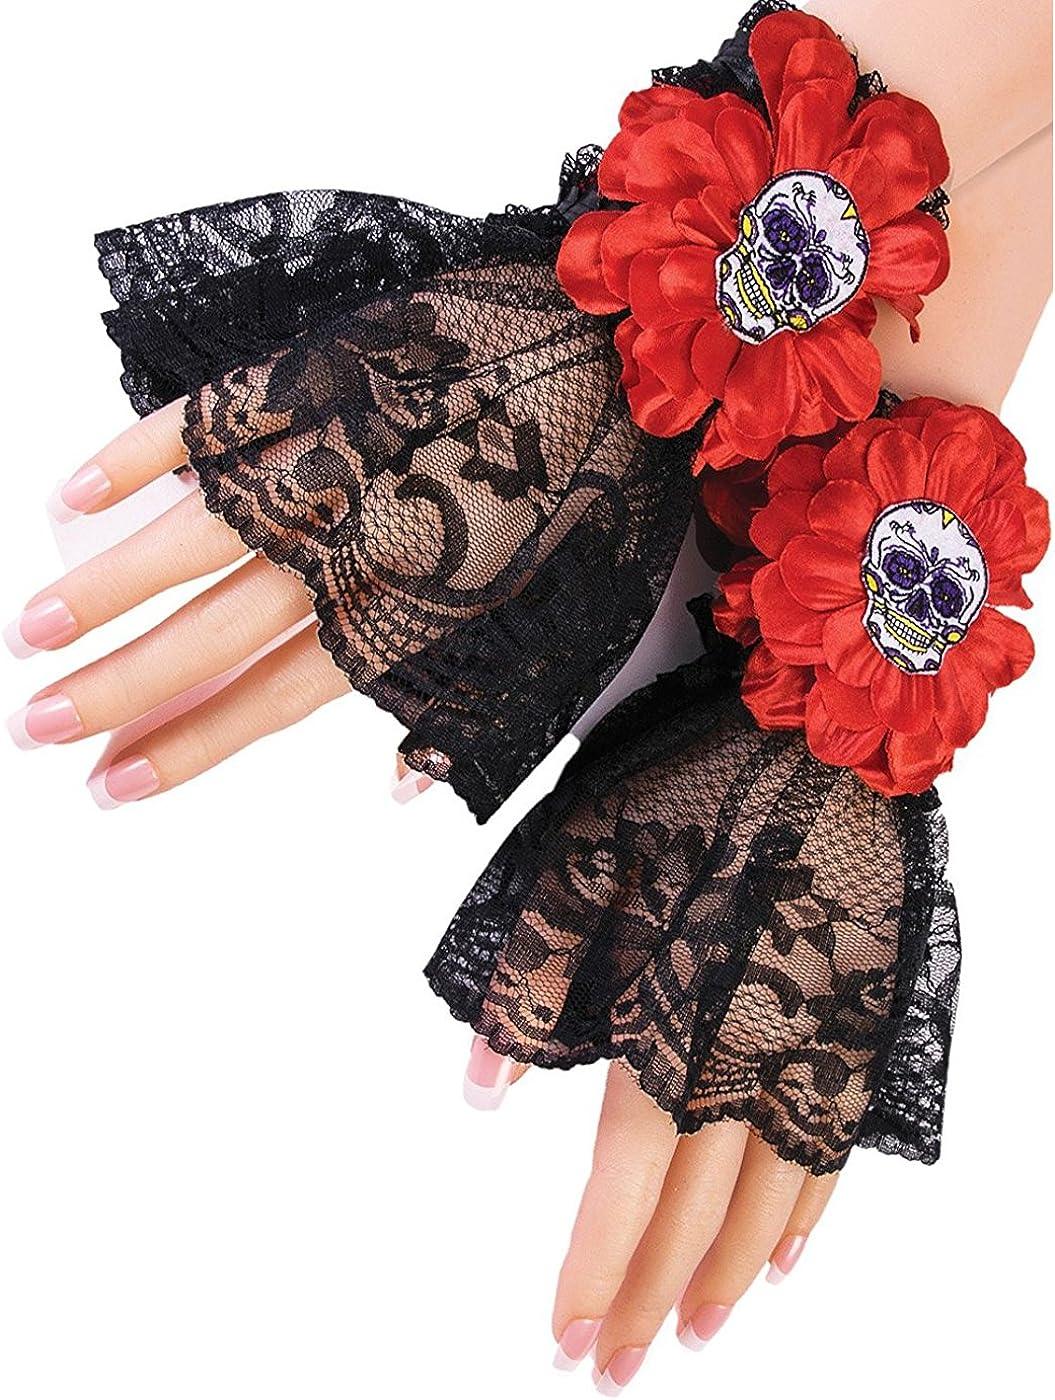 Day of The Dead Wrist Cuffs Costume Accessory